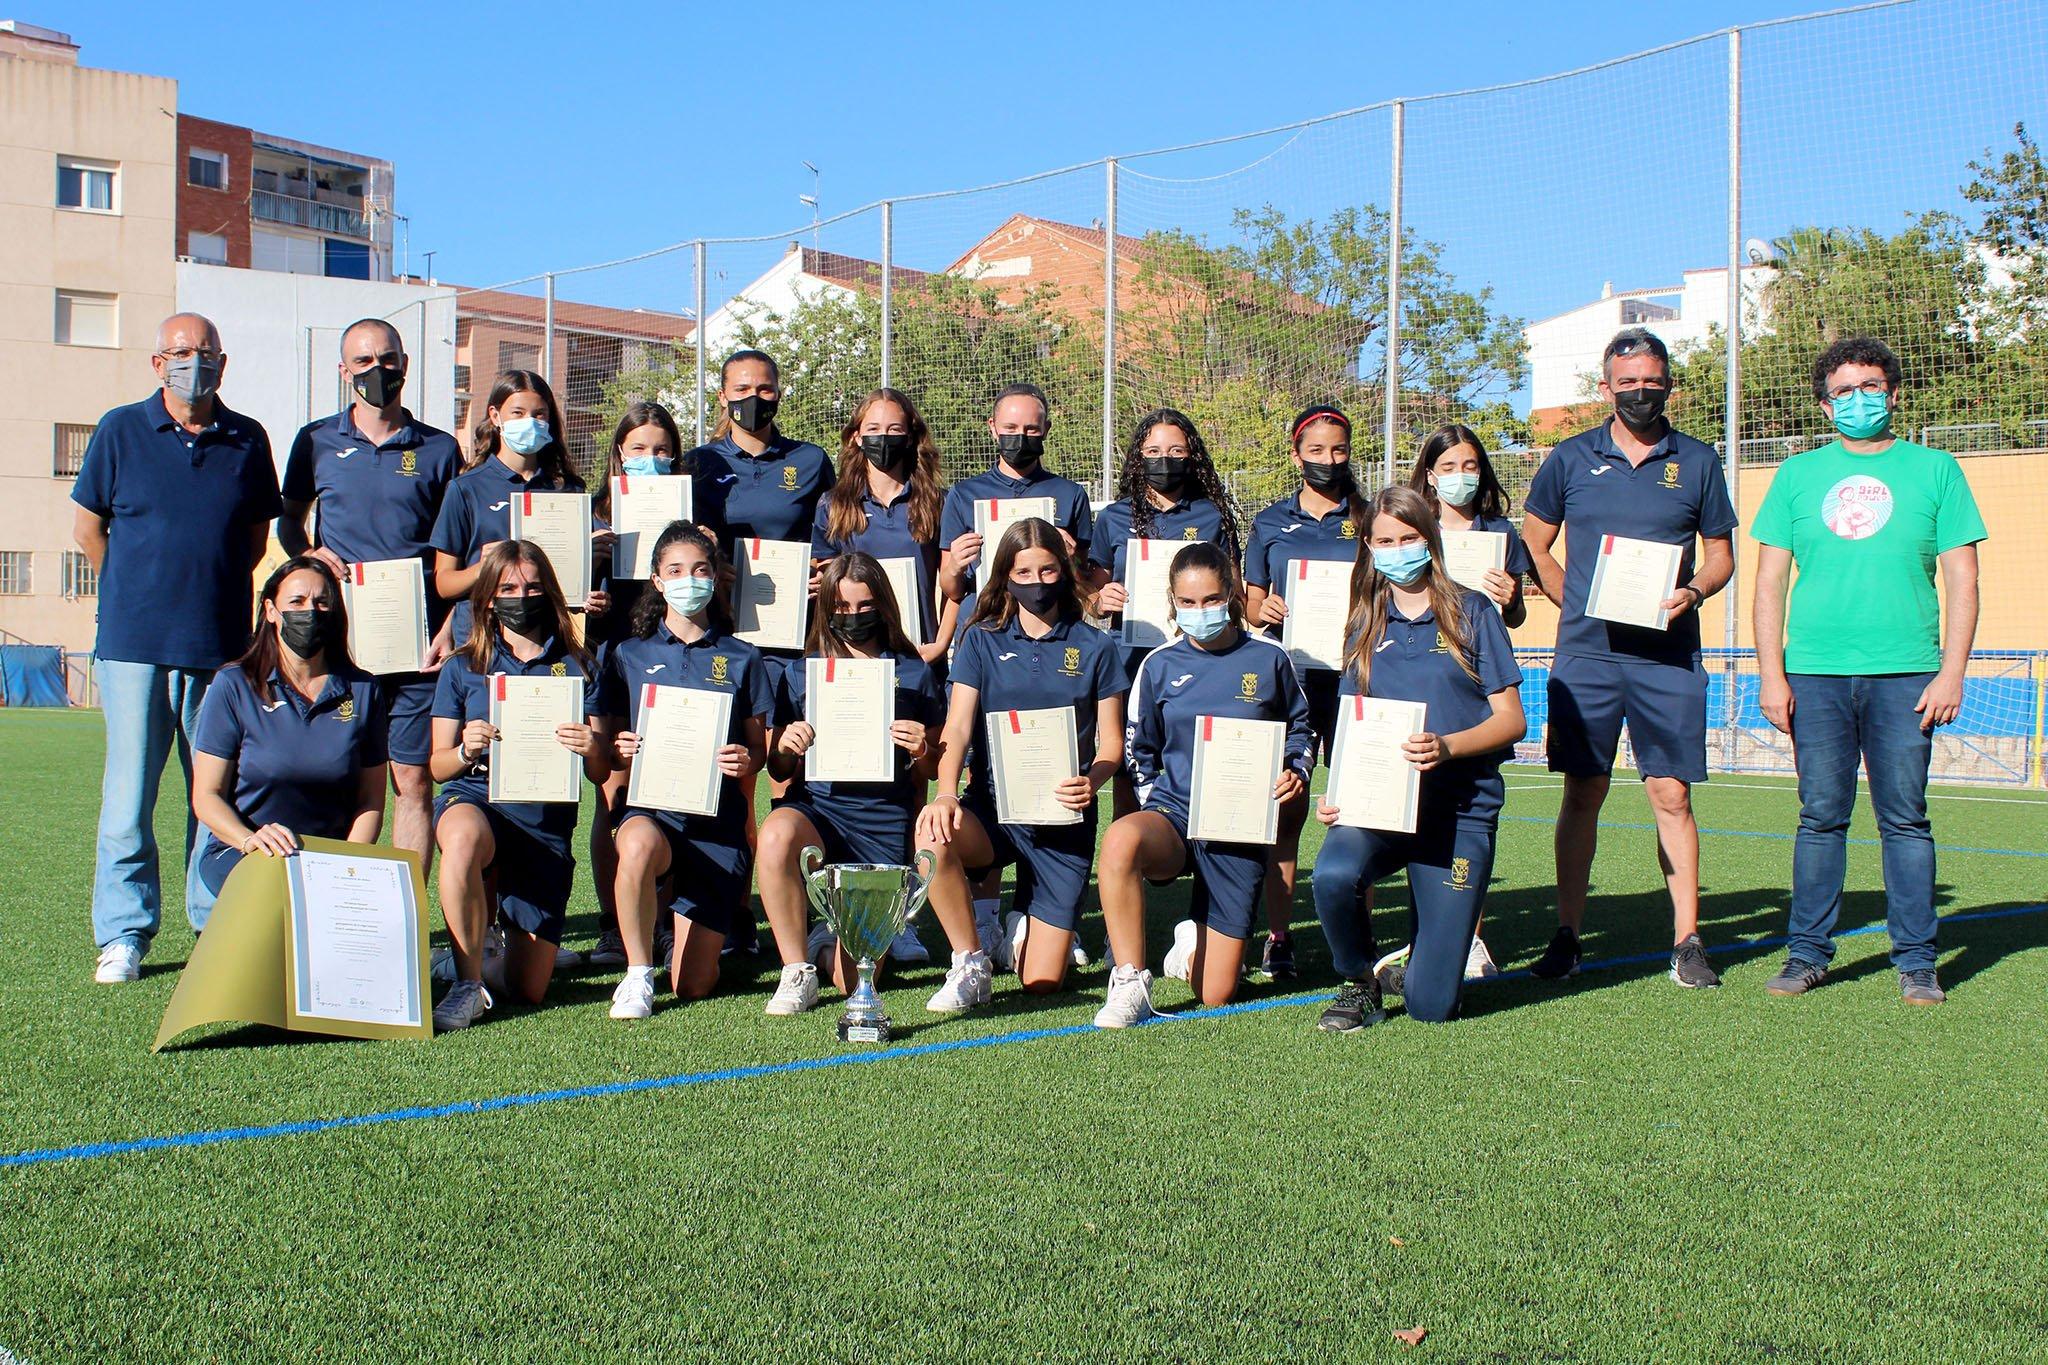 Equipo femenino con sus diplomas